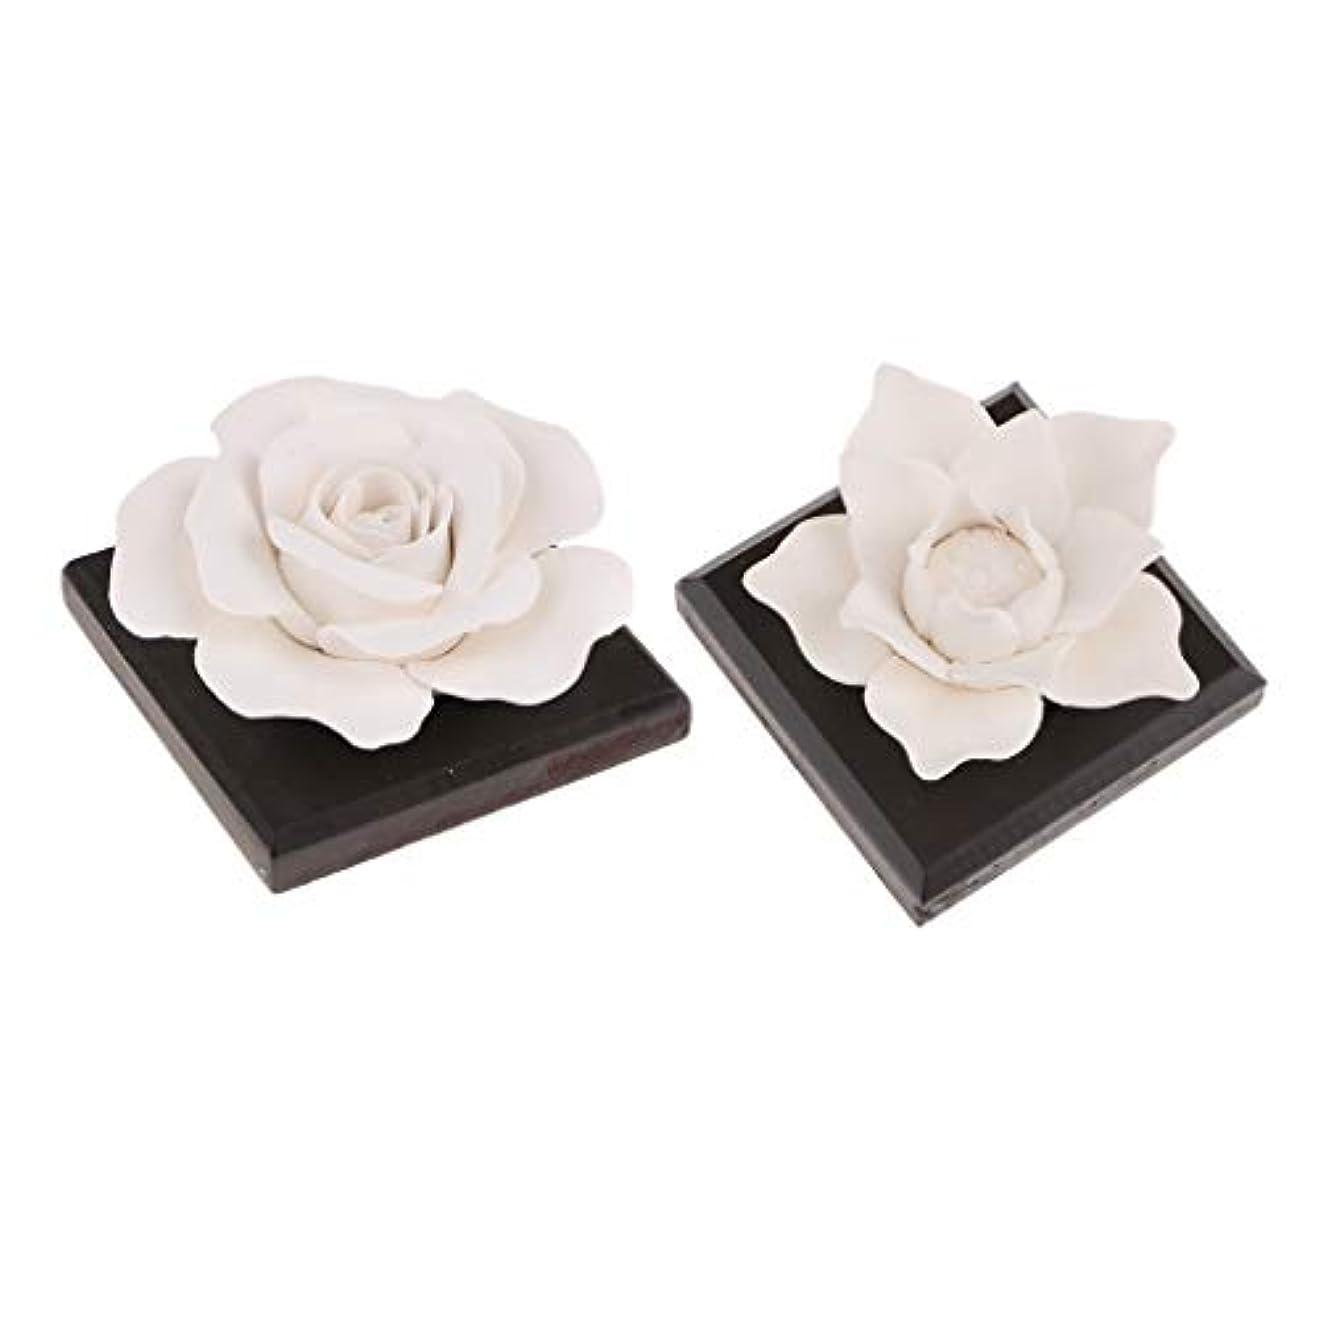 酒コジオスコ優先B Baosity 2個 セラミック 花 エッセンシャルオイル 香水 香り ディフューザー 空気清浄 装飾